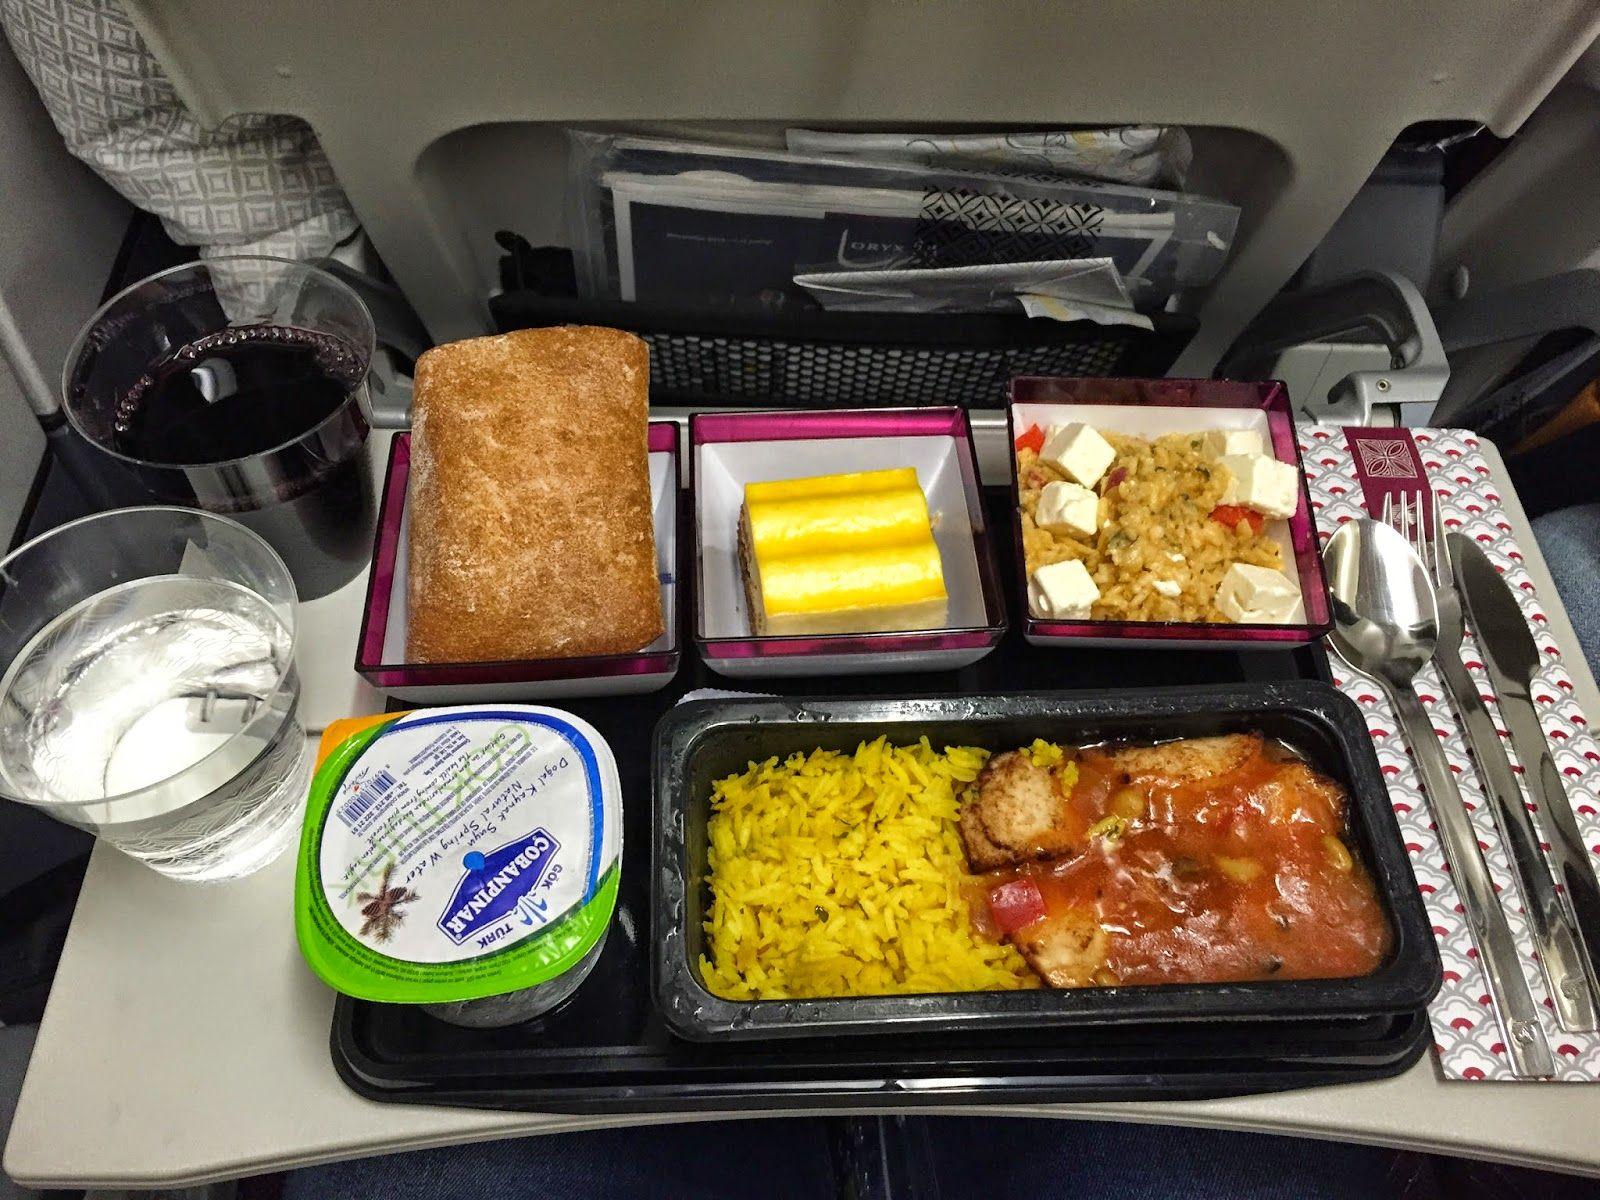 Výsledek obrázku pro qatar airways food